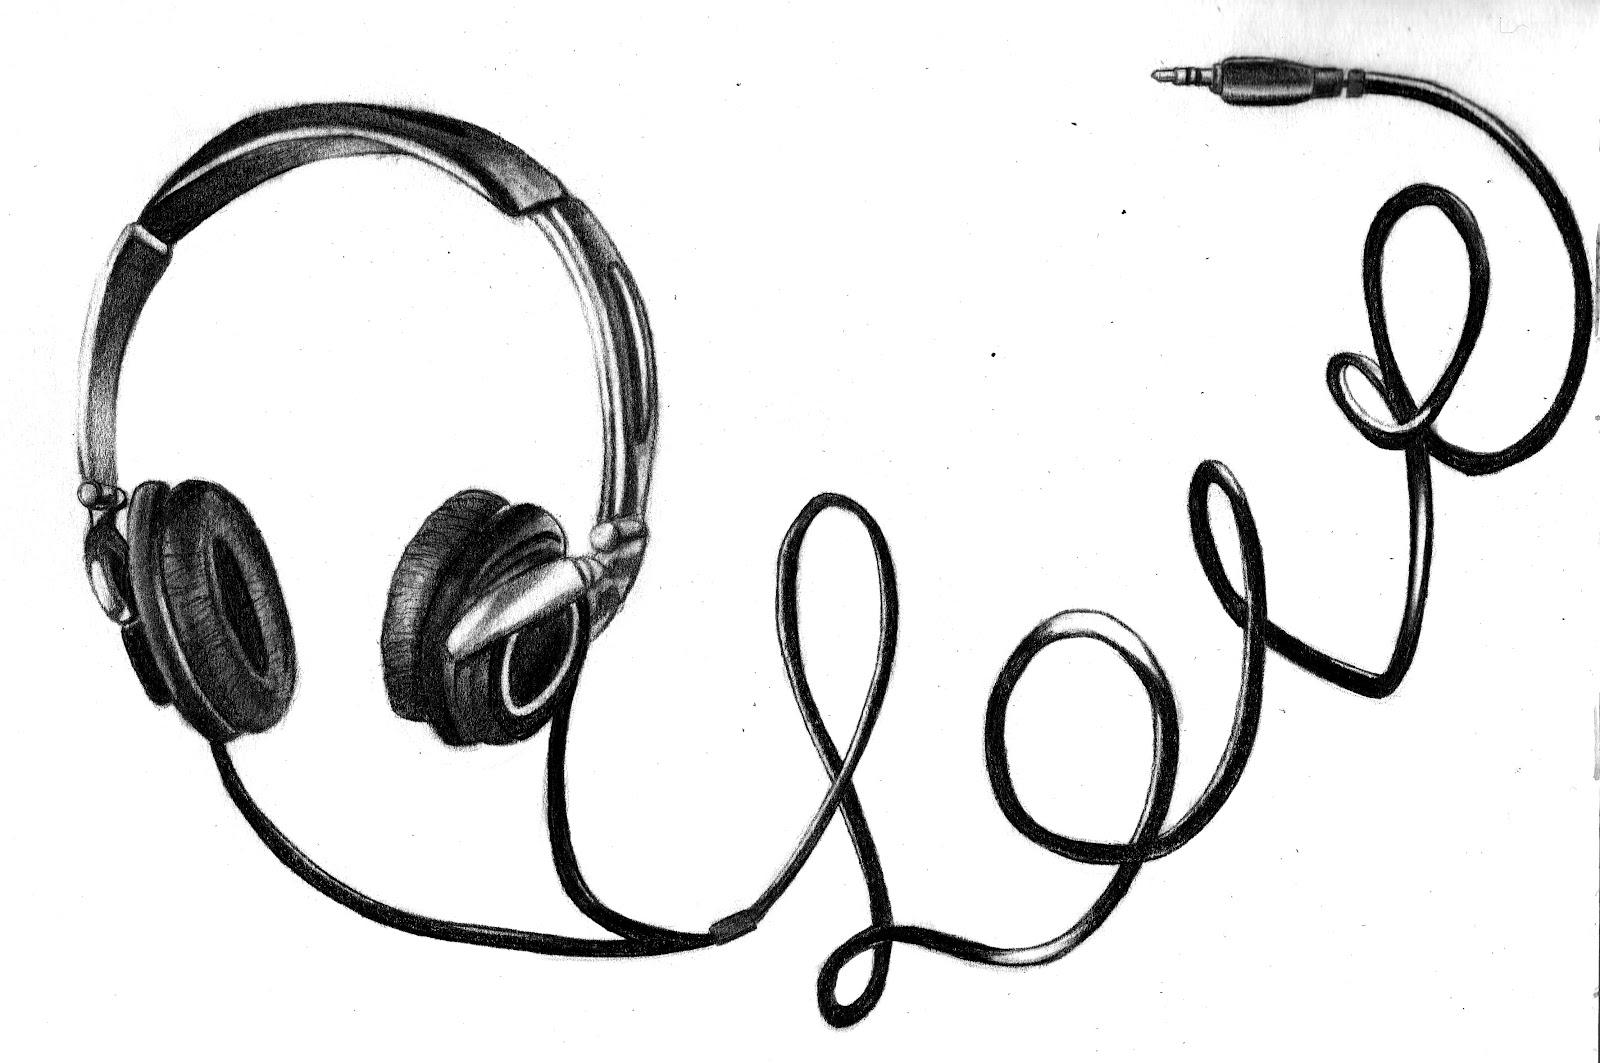 Müzik tarzı ile ne kadar uyuşuyor gibi faktörlerdir